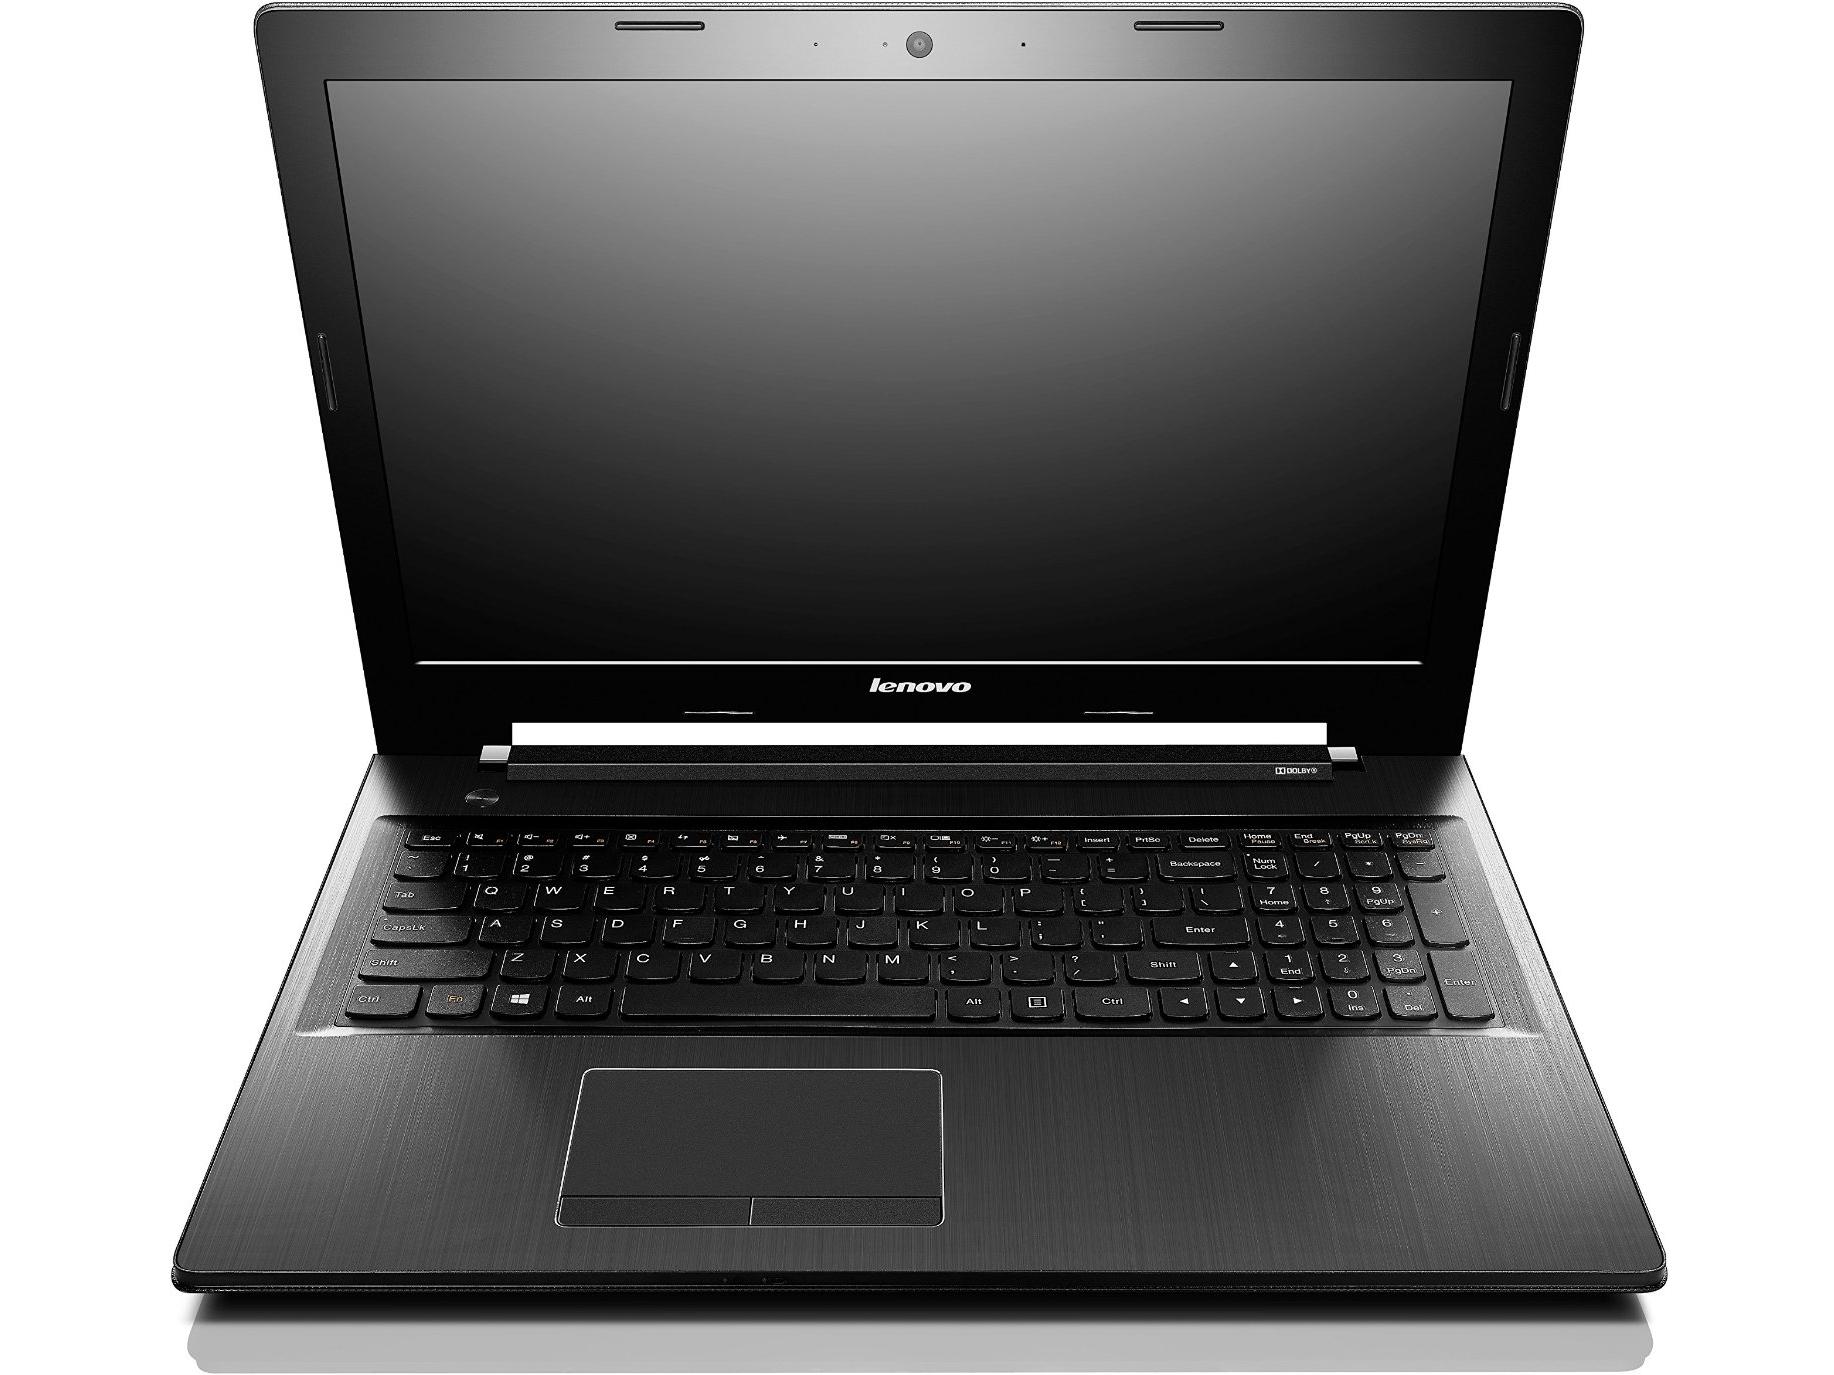 Lenovo IdeaPad Z50-70 (59427656) Notebook Review - NotebookCheck net